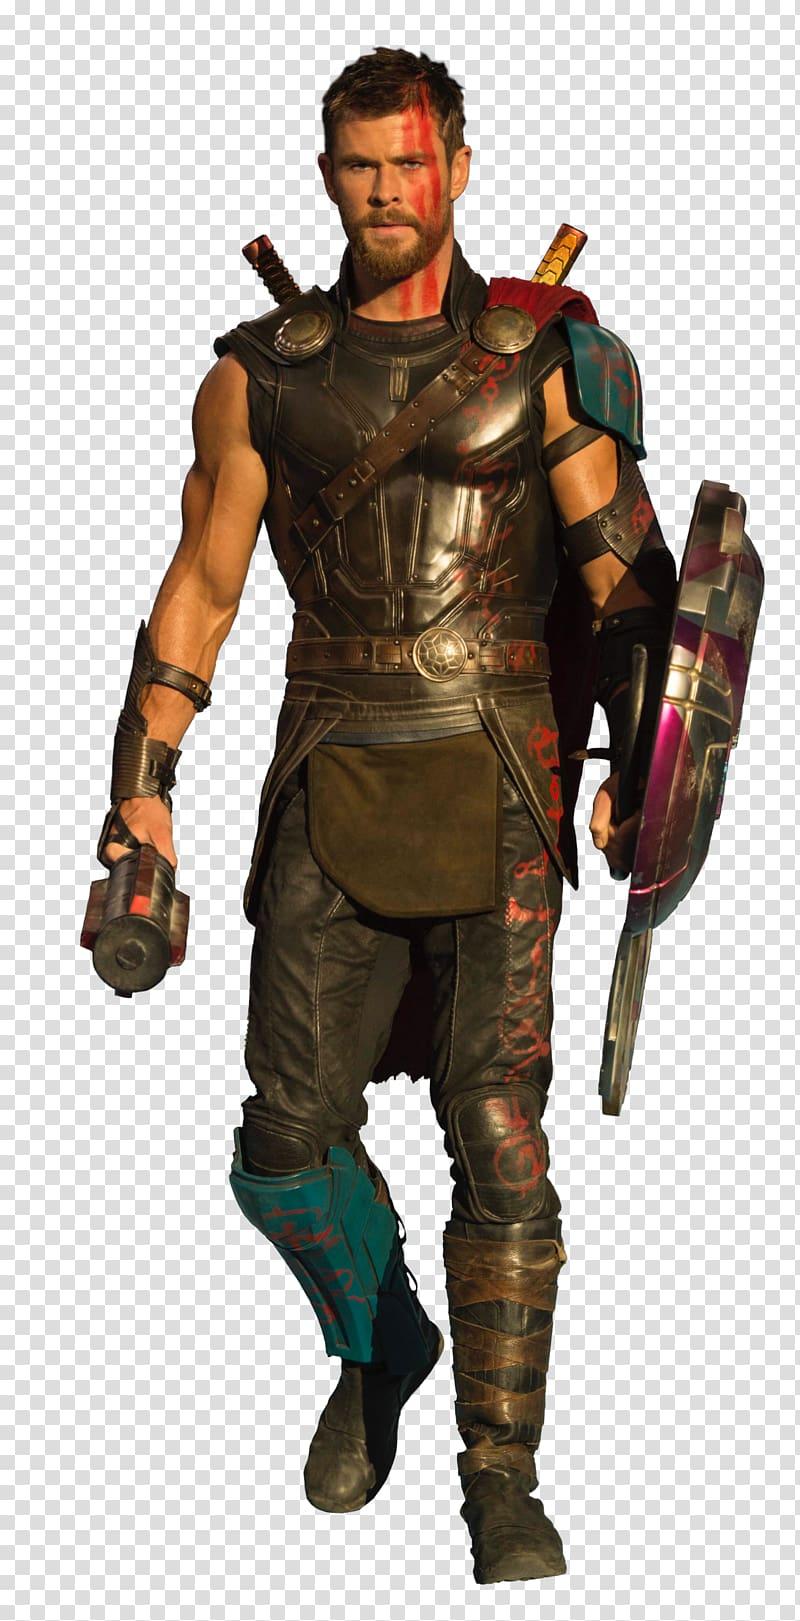 Chris Hemsworth, Chris Hemsworth Thor: Ragnarok Loki.